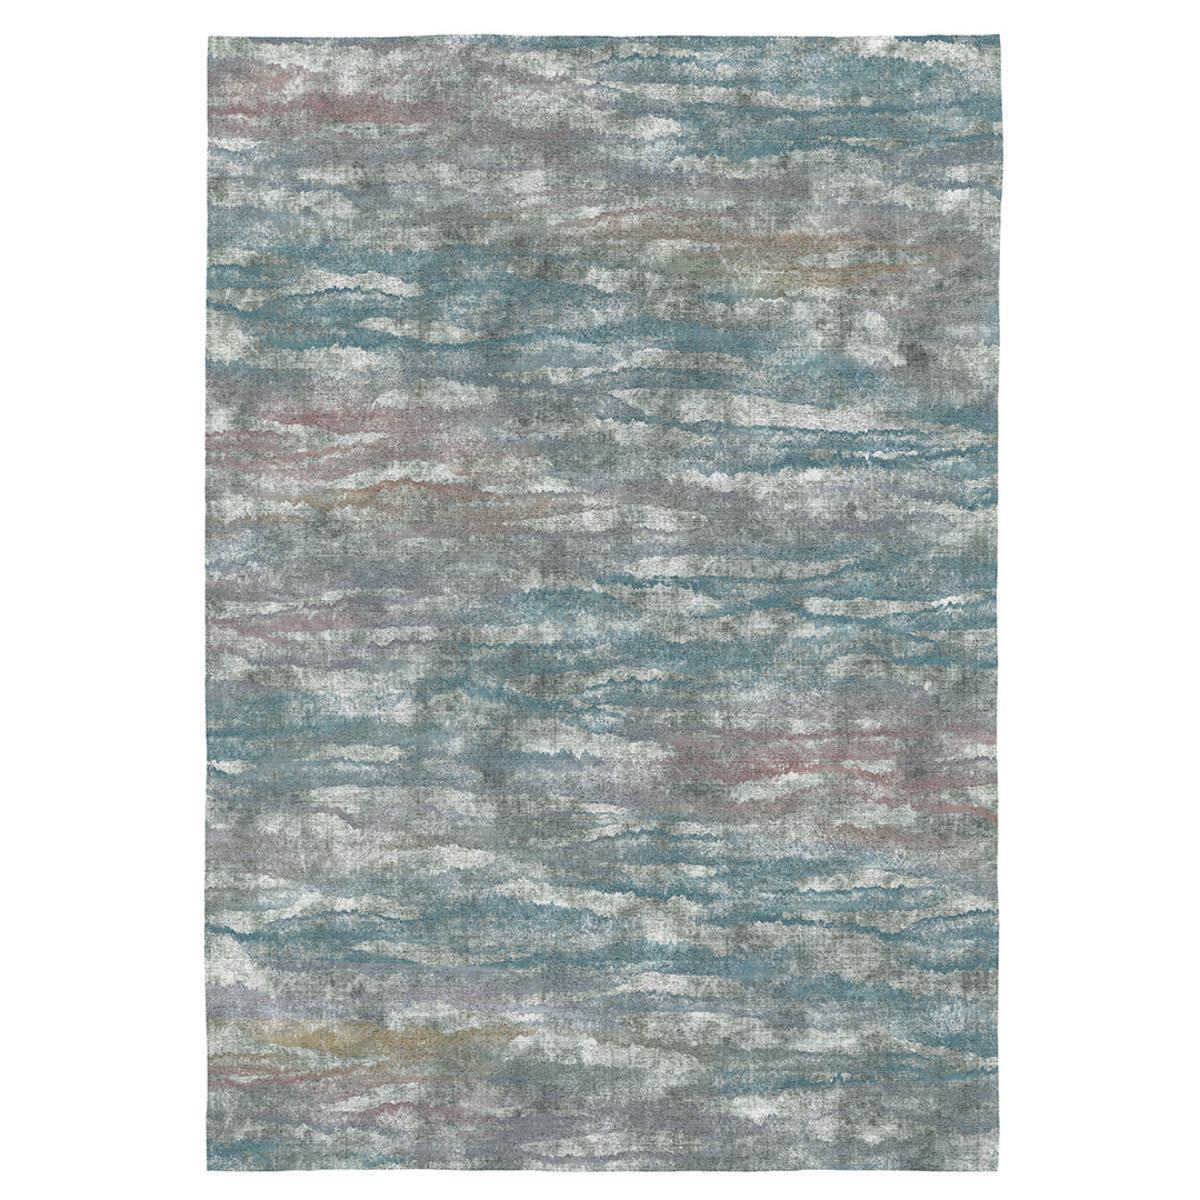 Tapis décoratif style moderne en coton imprimé numérique 160x230 cm